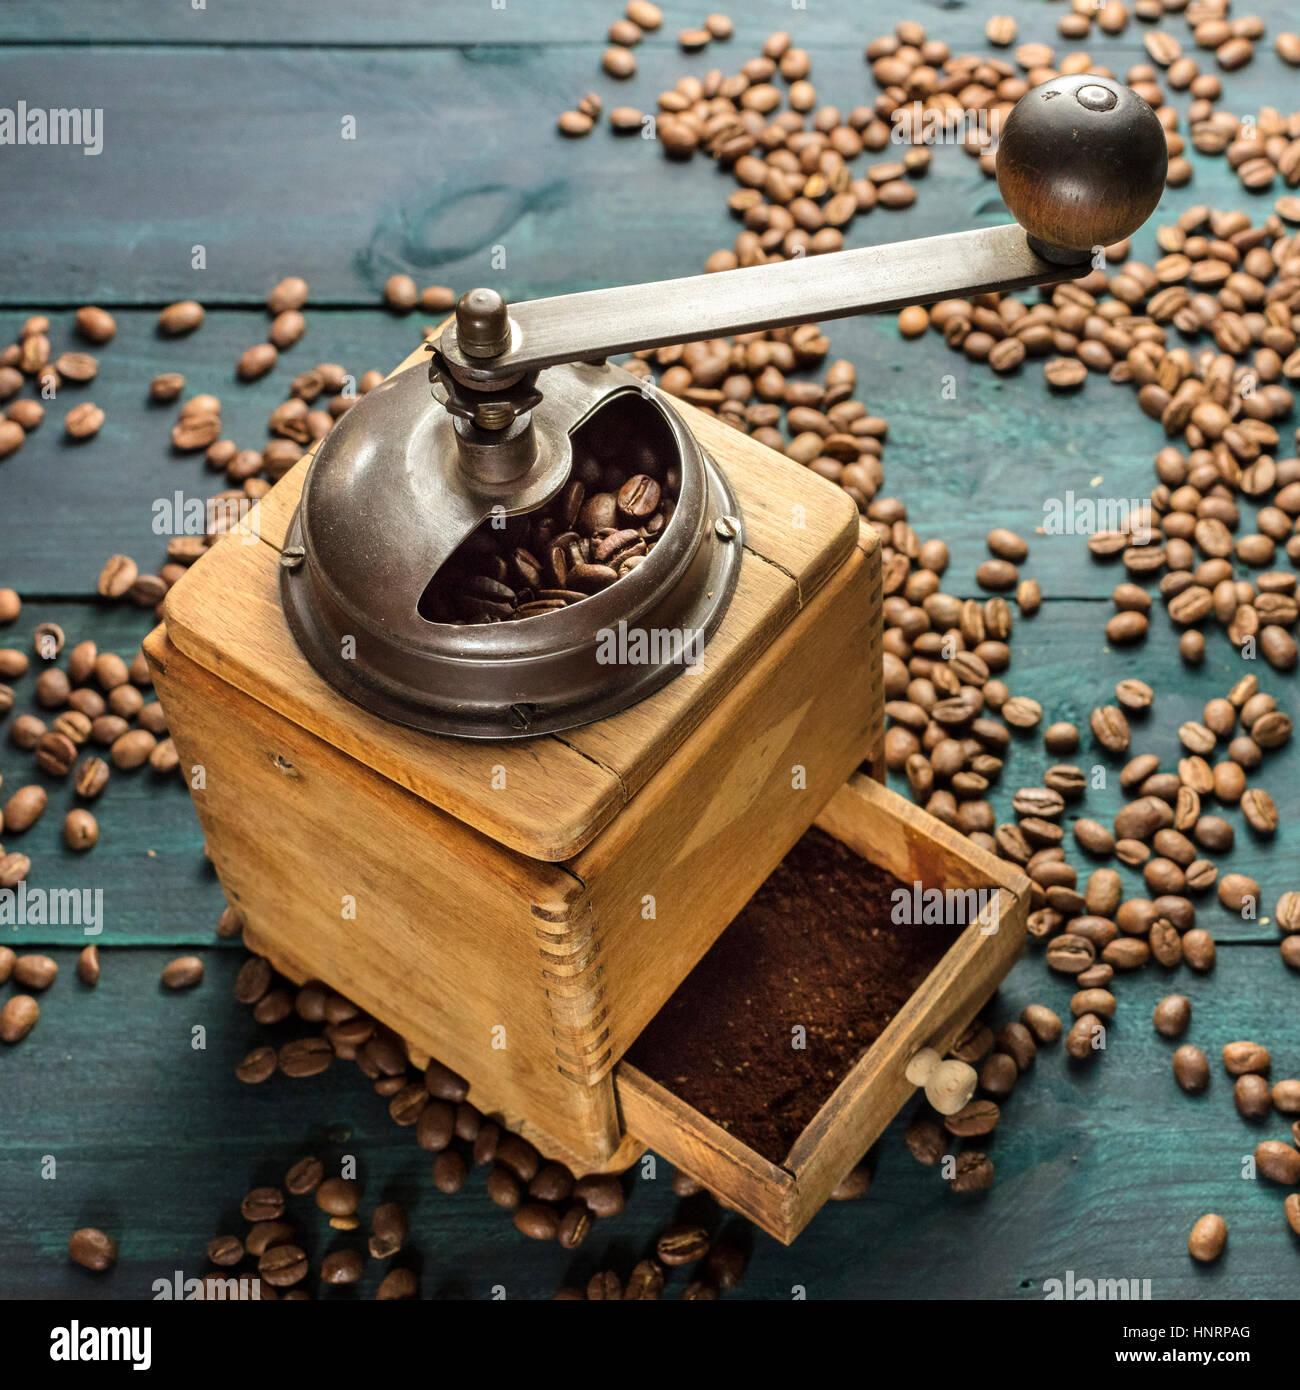 Vintage macinino da caffè con fagioli sparsi intorno Immagini Stock